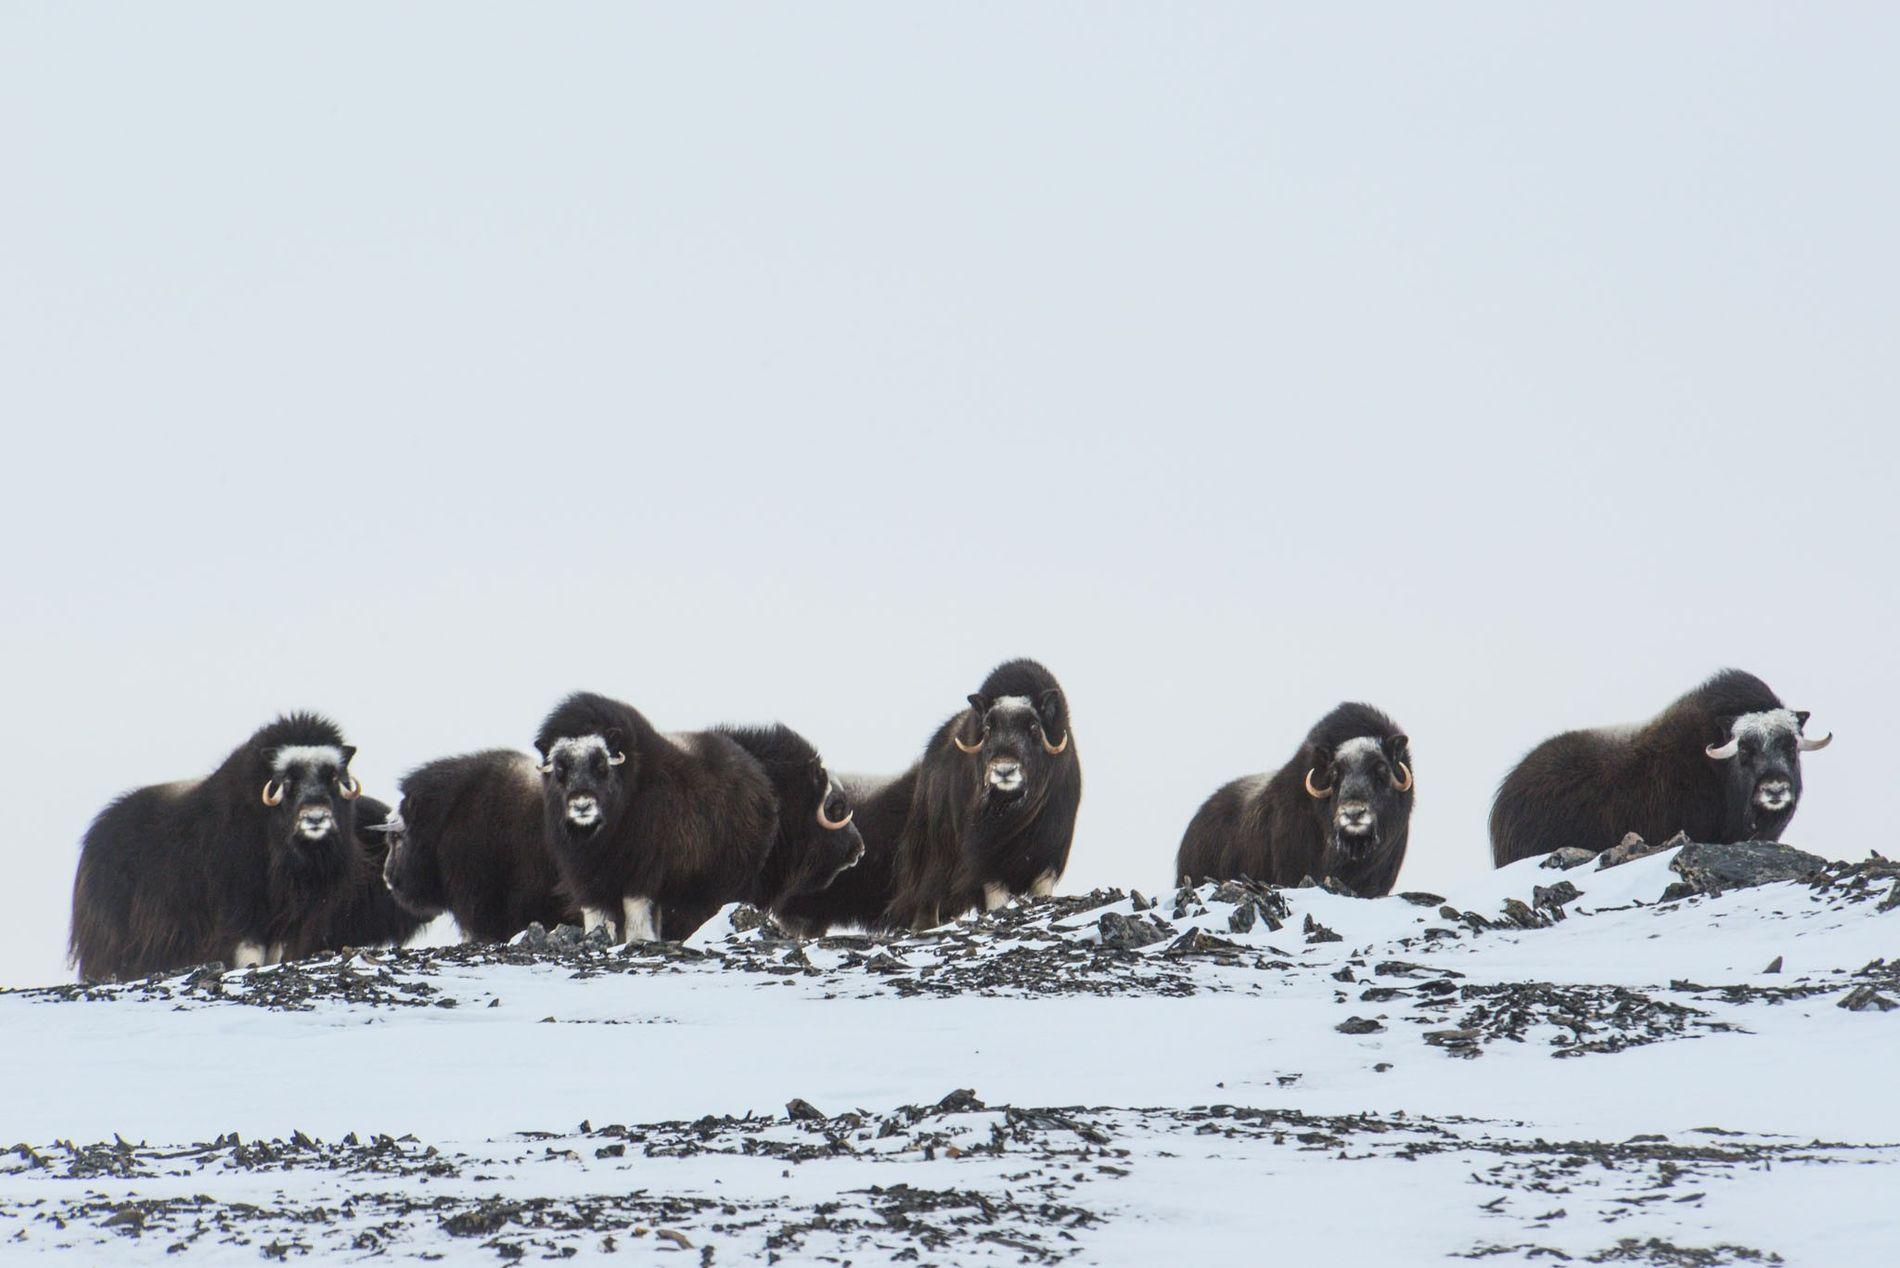 Moschusochsen suchen nach Nahrung, indem sie mit ihren Hufen den Schnee wegscharren.